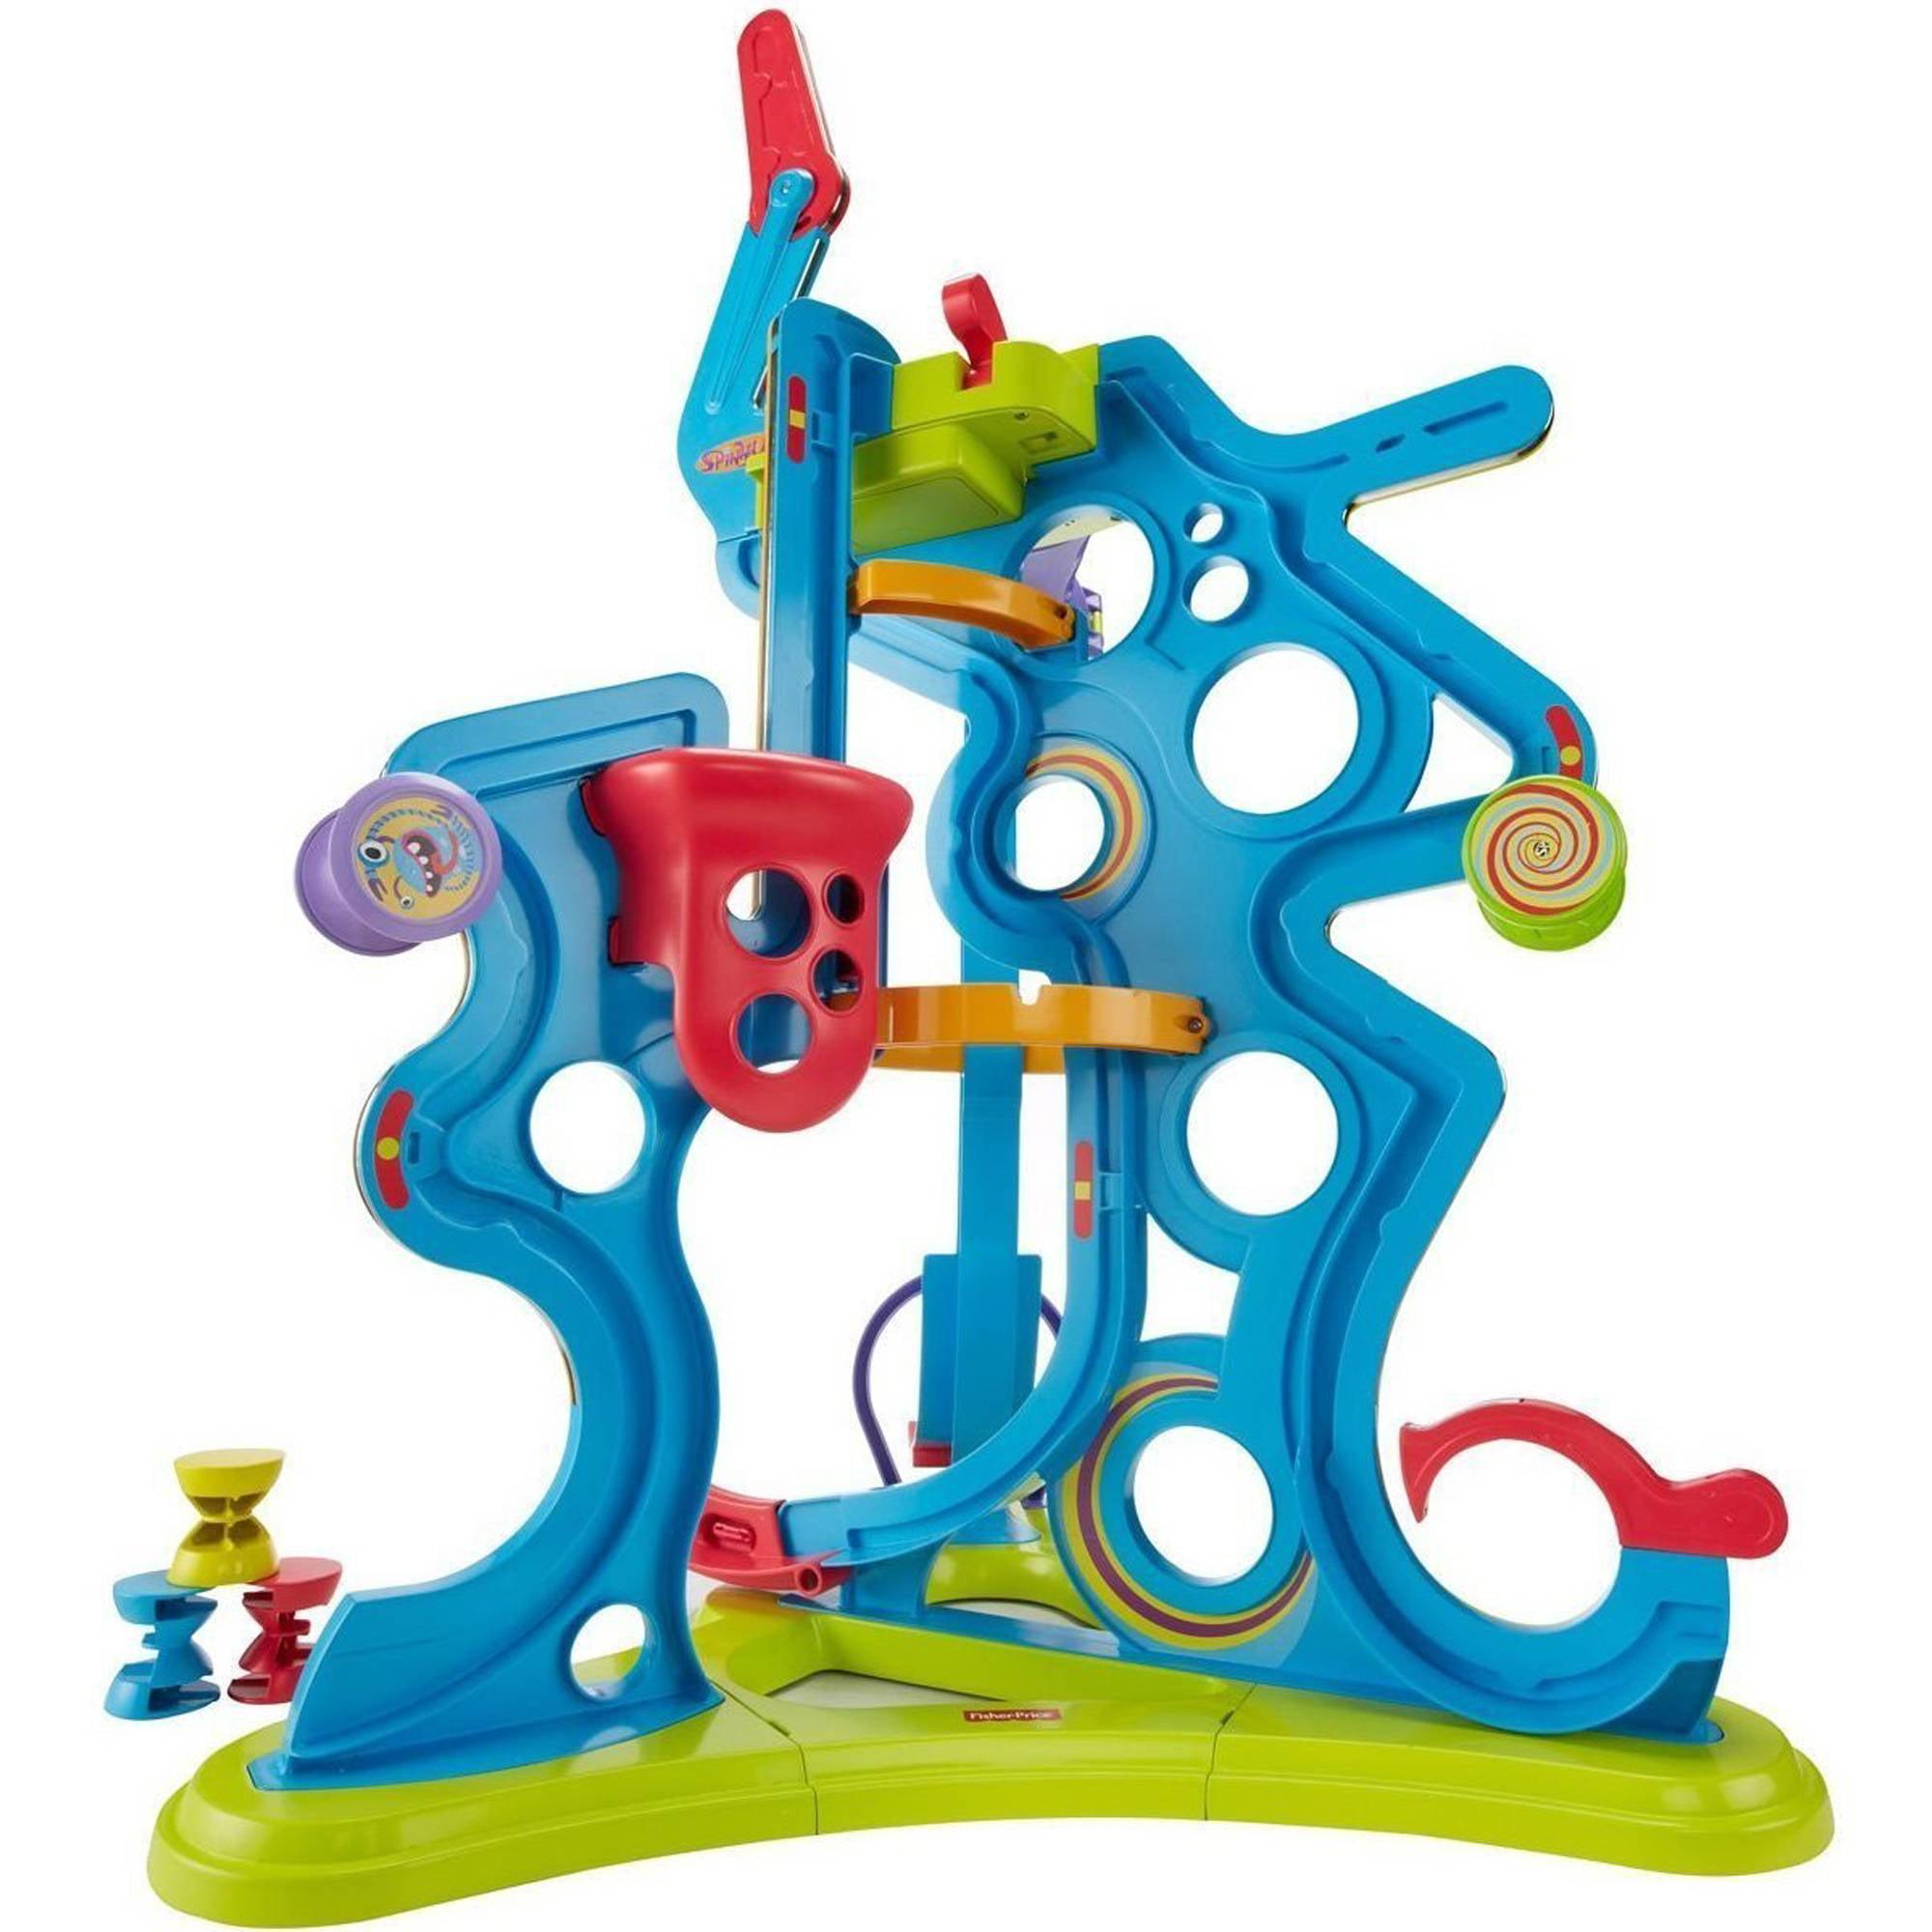 Fisher-Price Spinnyos Giant Yo-Ller Coaster - Walmart.com